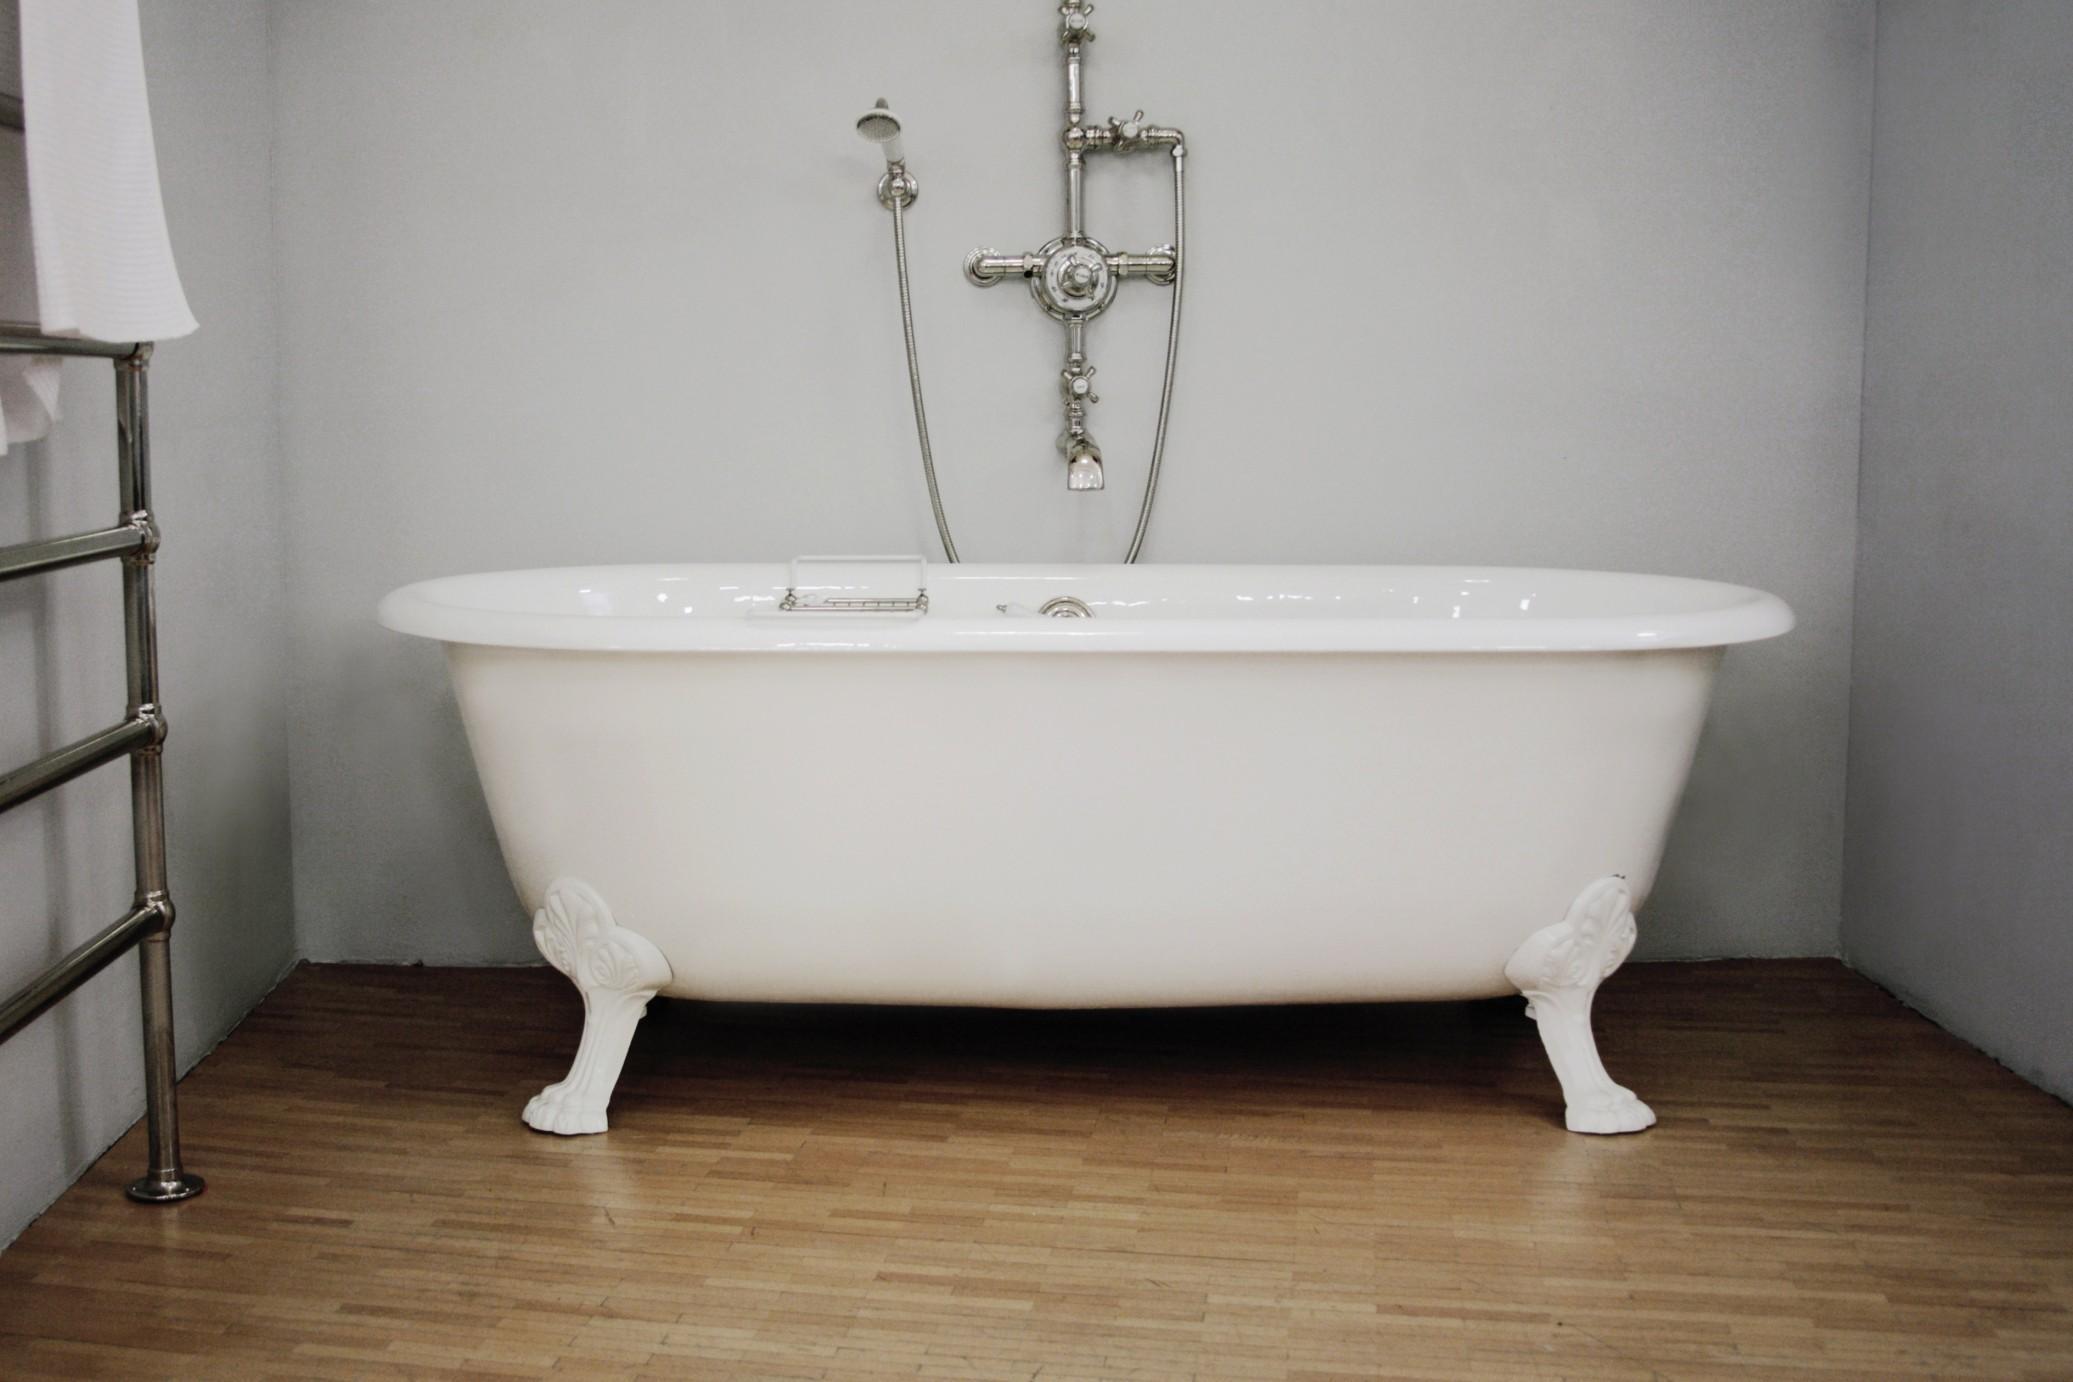 Arredobagno arredobagno pezzoni - Come montare una vasca da bagno ...